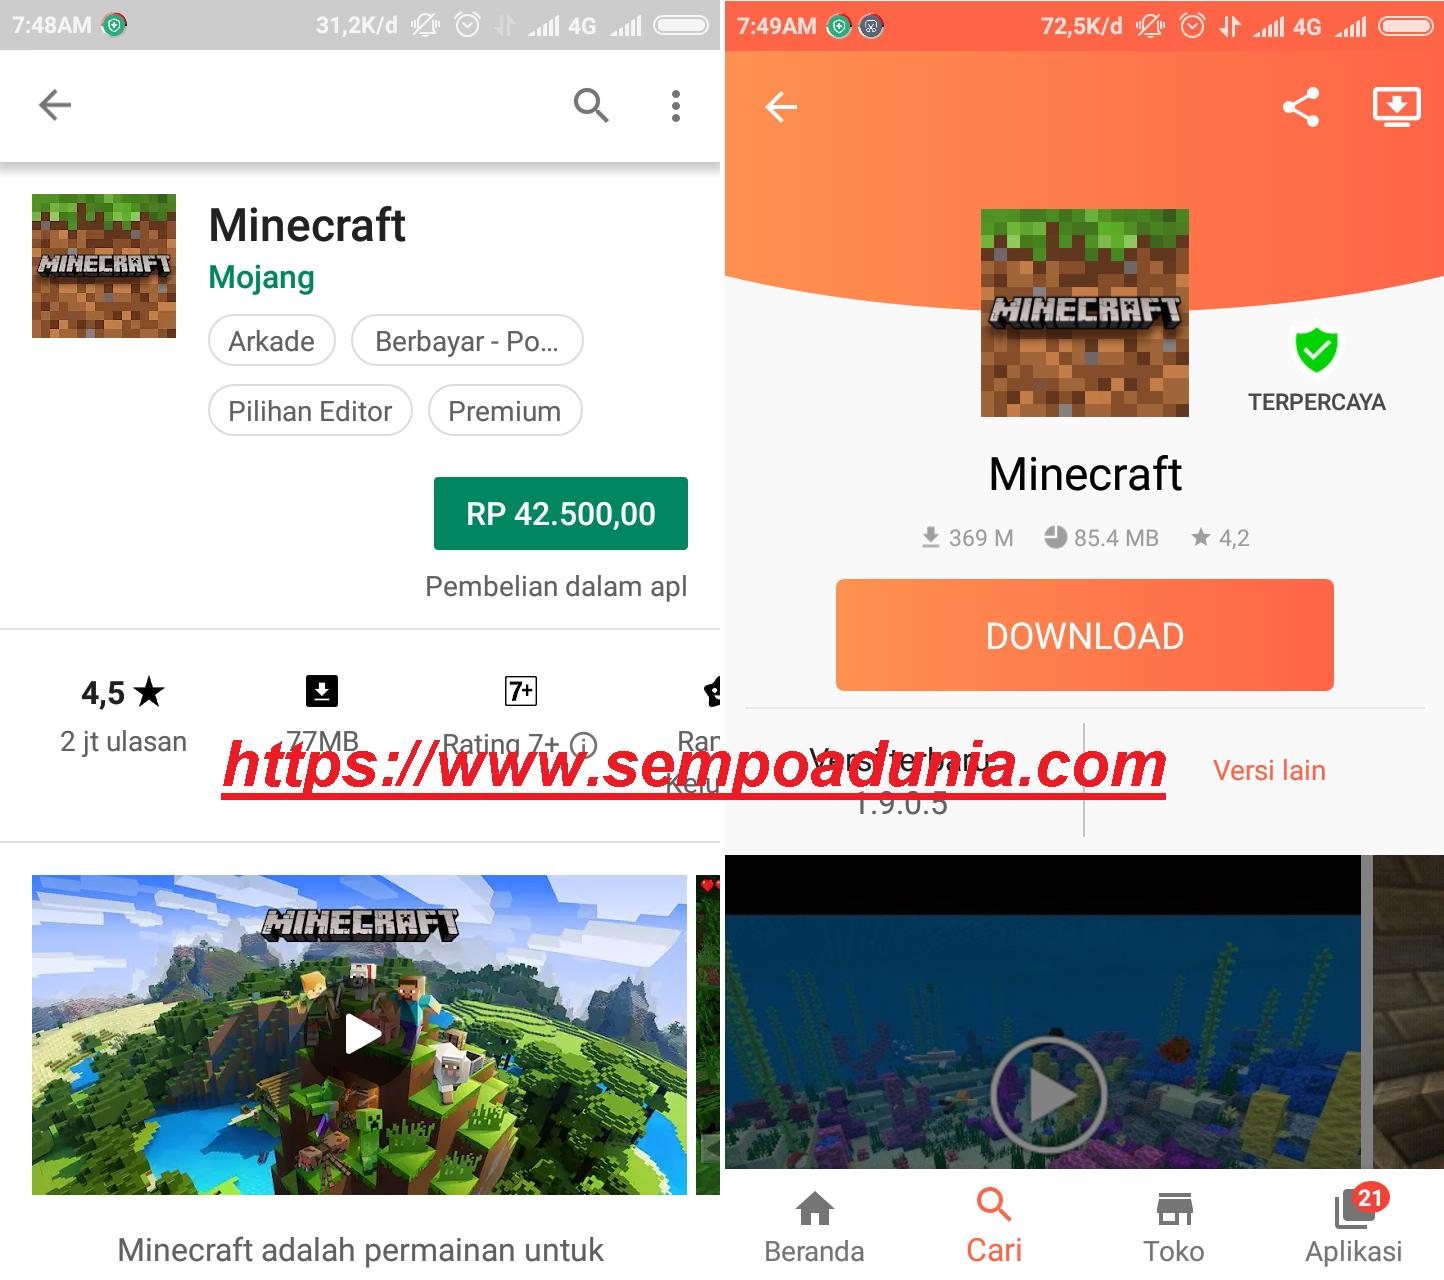 Cara Mudah Download Aplikasi Android Berbayar Jadi Gratis